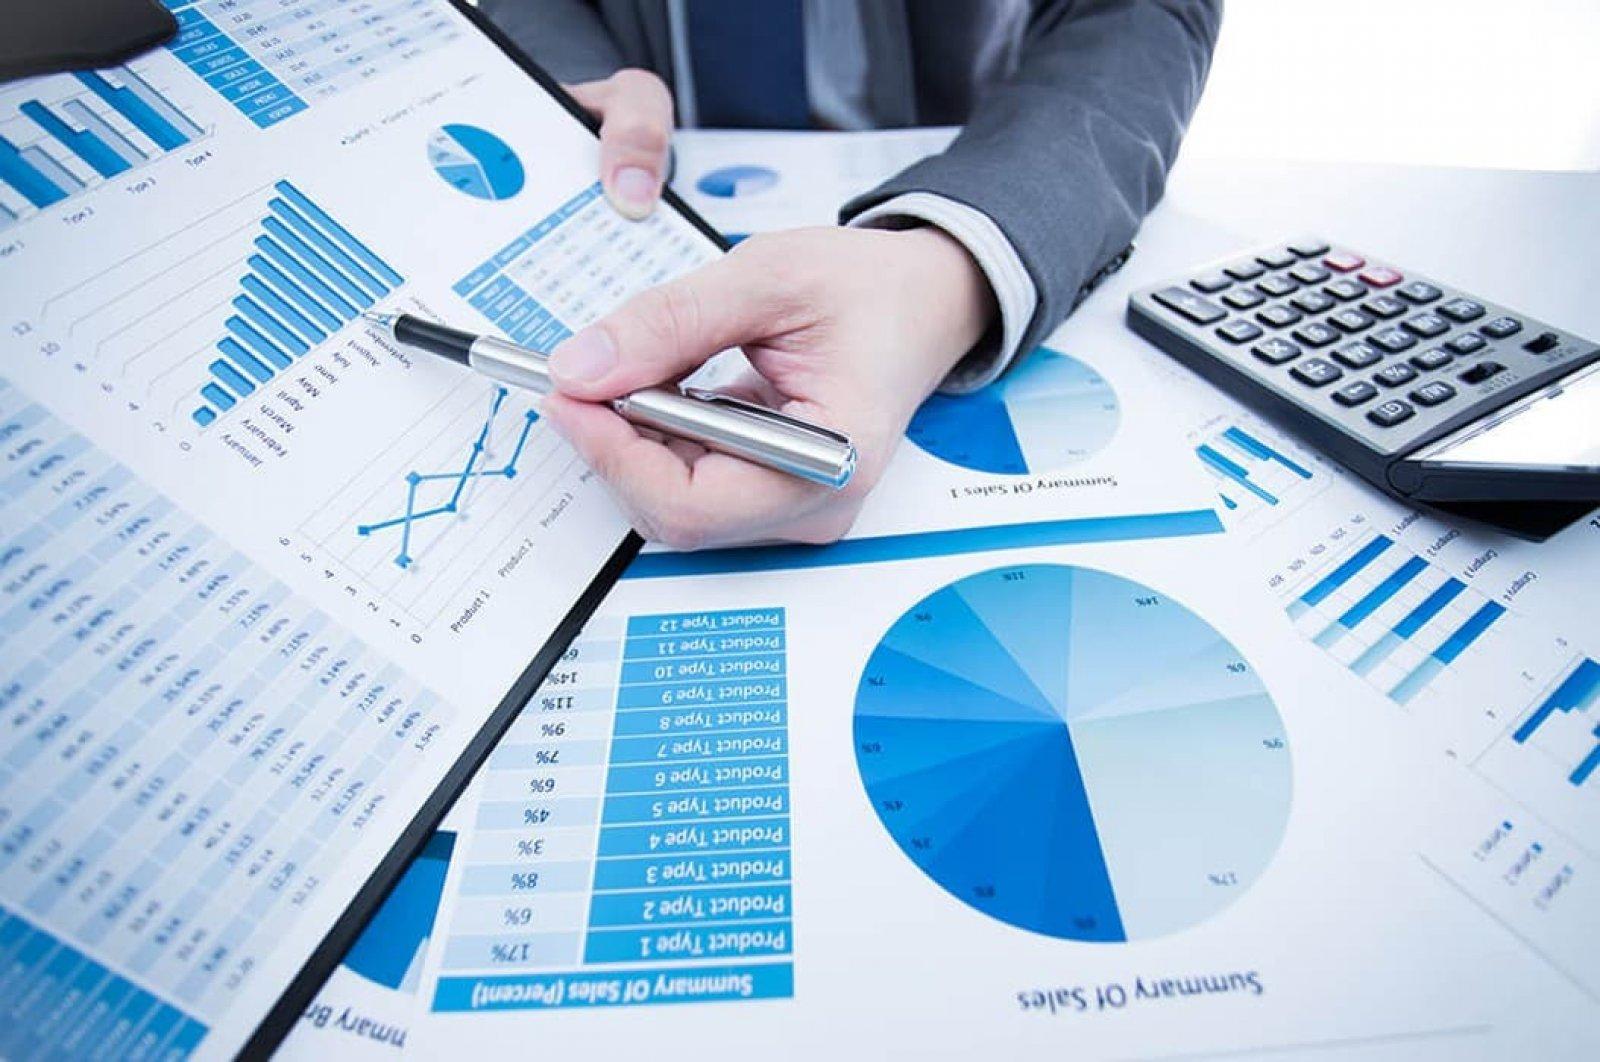 Bảng giá dịch vụ kế toán thuế cho công ty trọn gói chuyên nghiệp giá rẻ tphcm